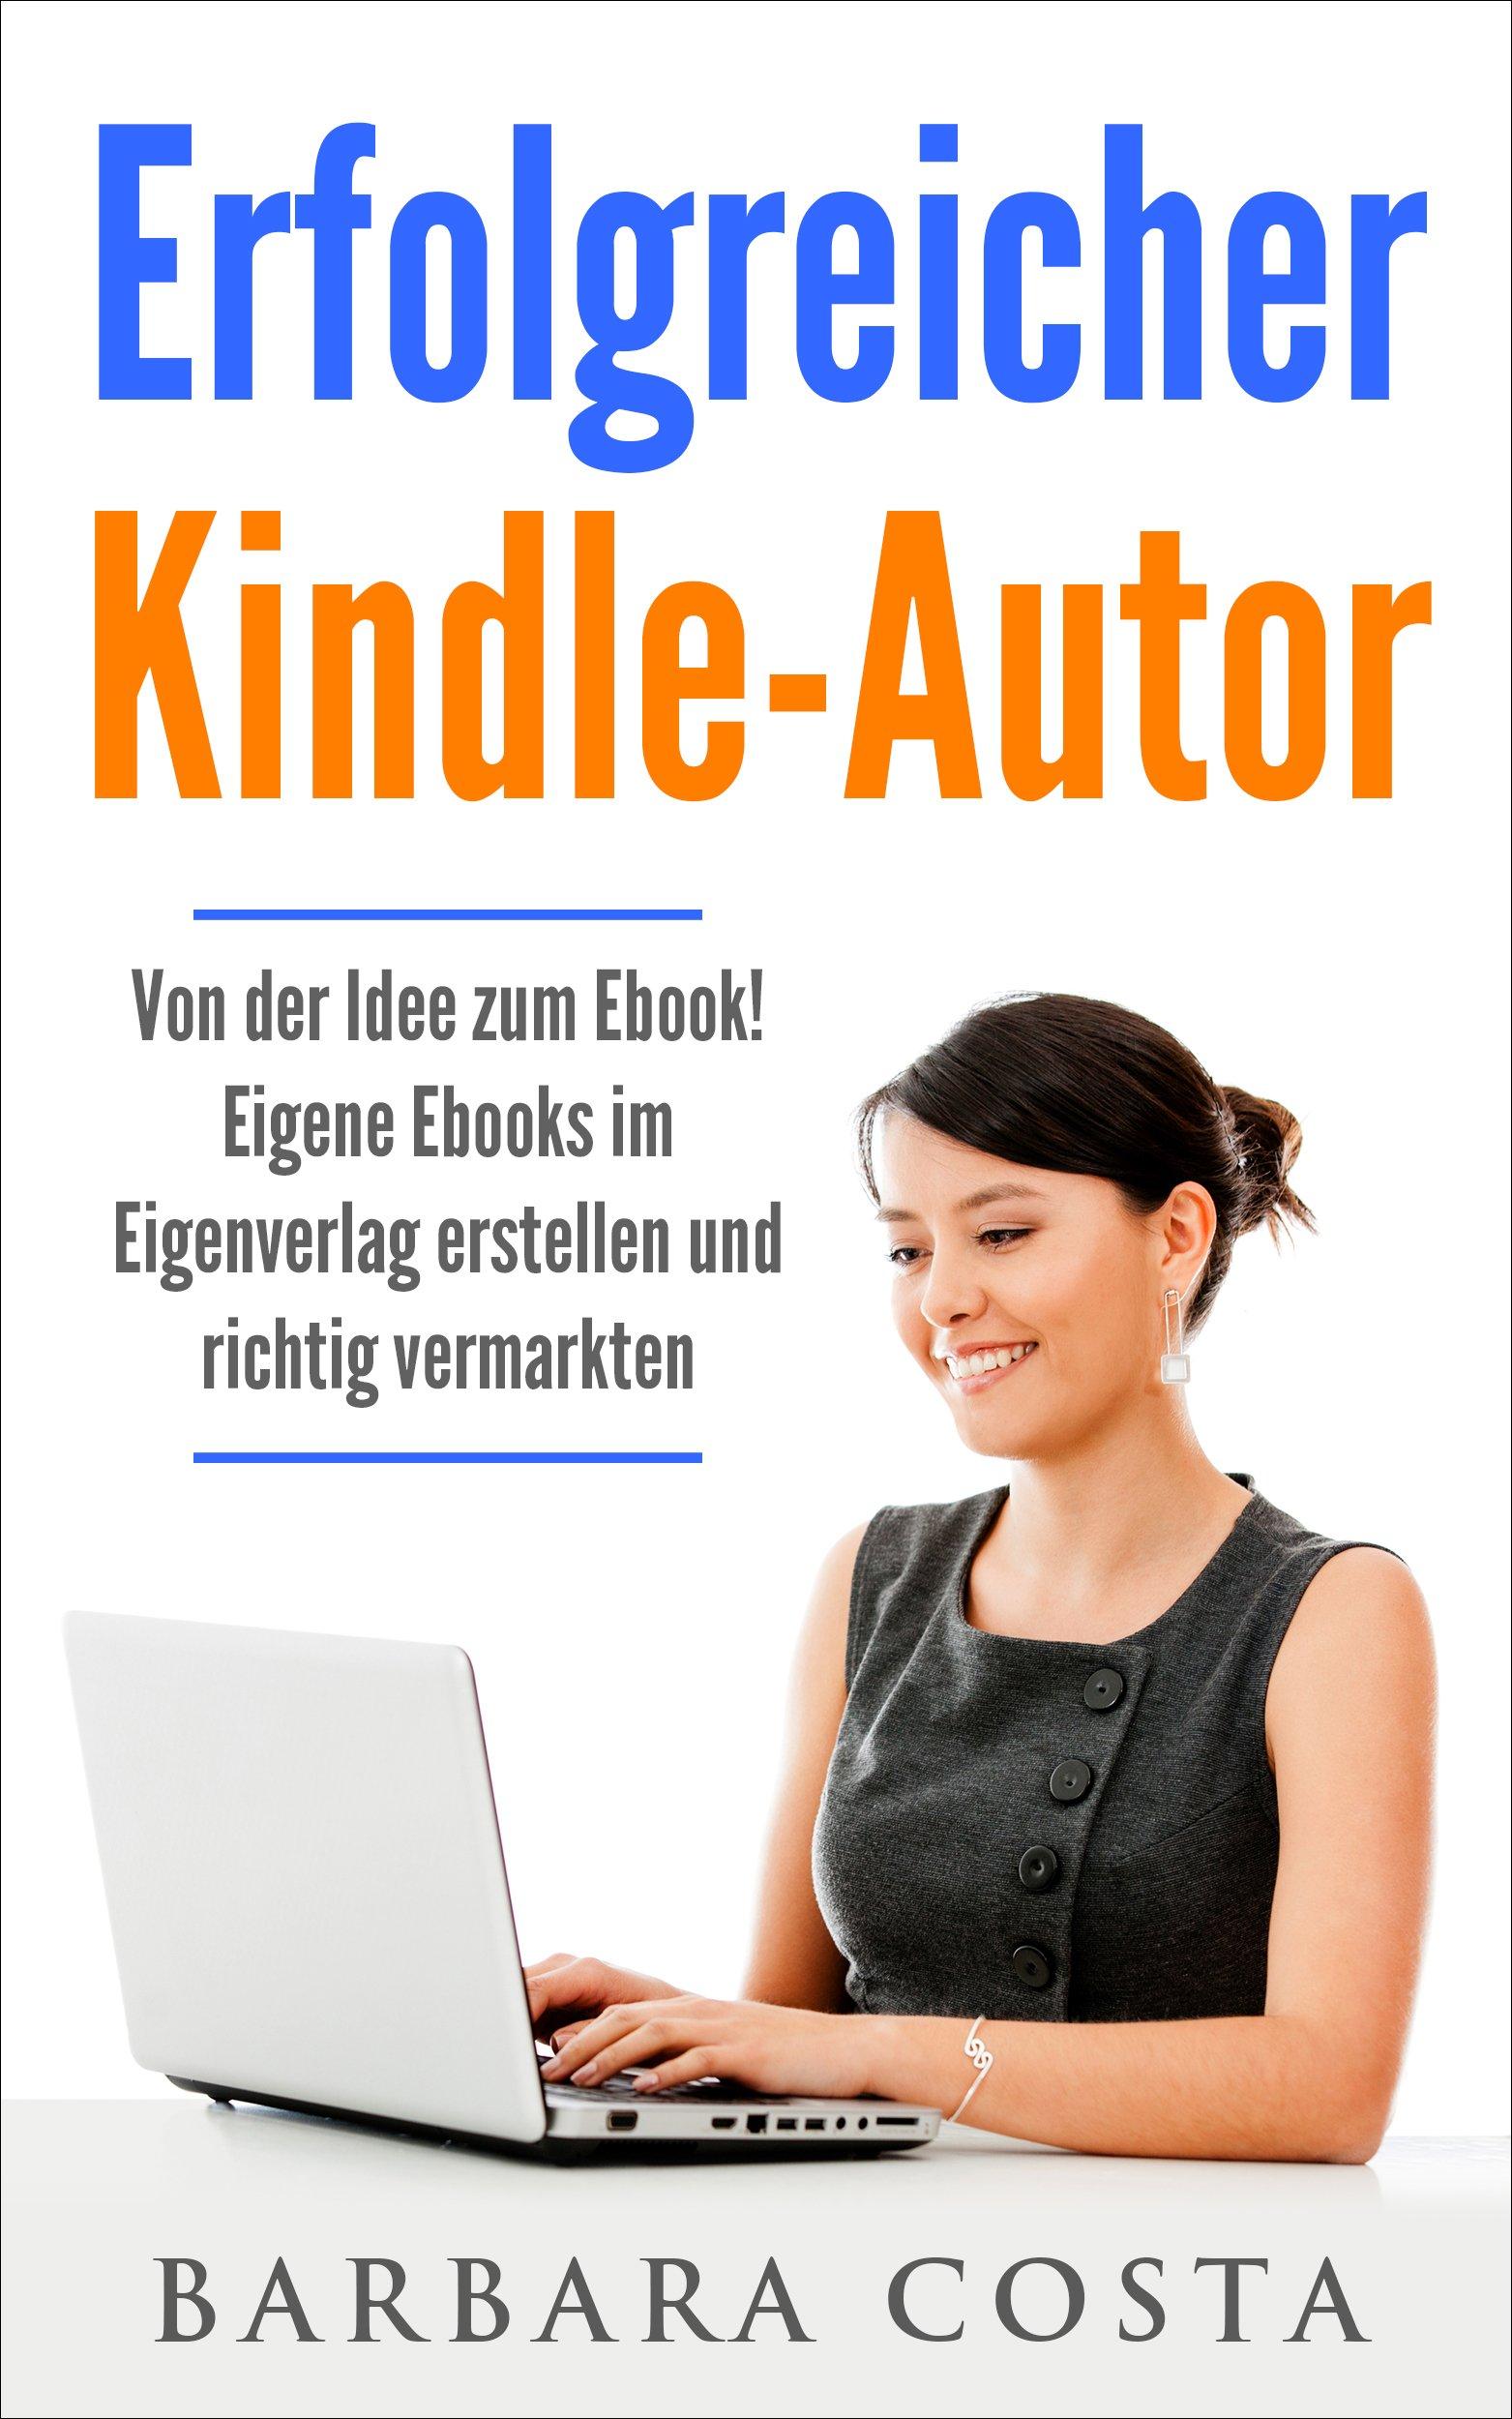 Erfolgreicher Kindle Autor  Von Der Idee Zum Ebook. Eigene Ebooks Im Eigenverlag Erstellen Und Richtig Vermarkten. Geld Verdienen Im Internet Mit Eigenen Ebooks.